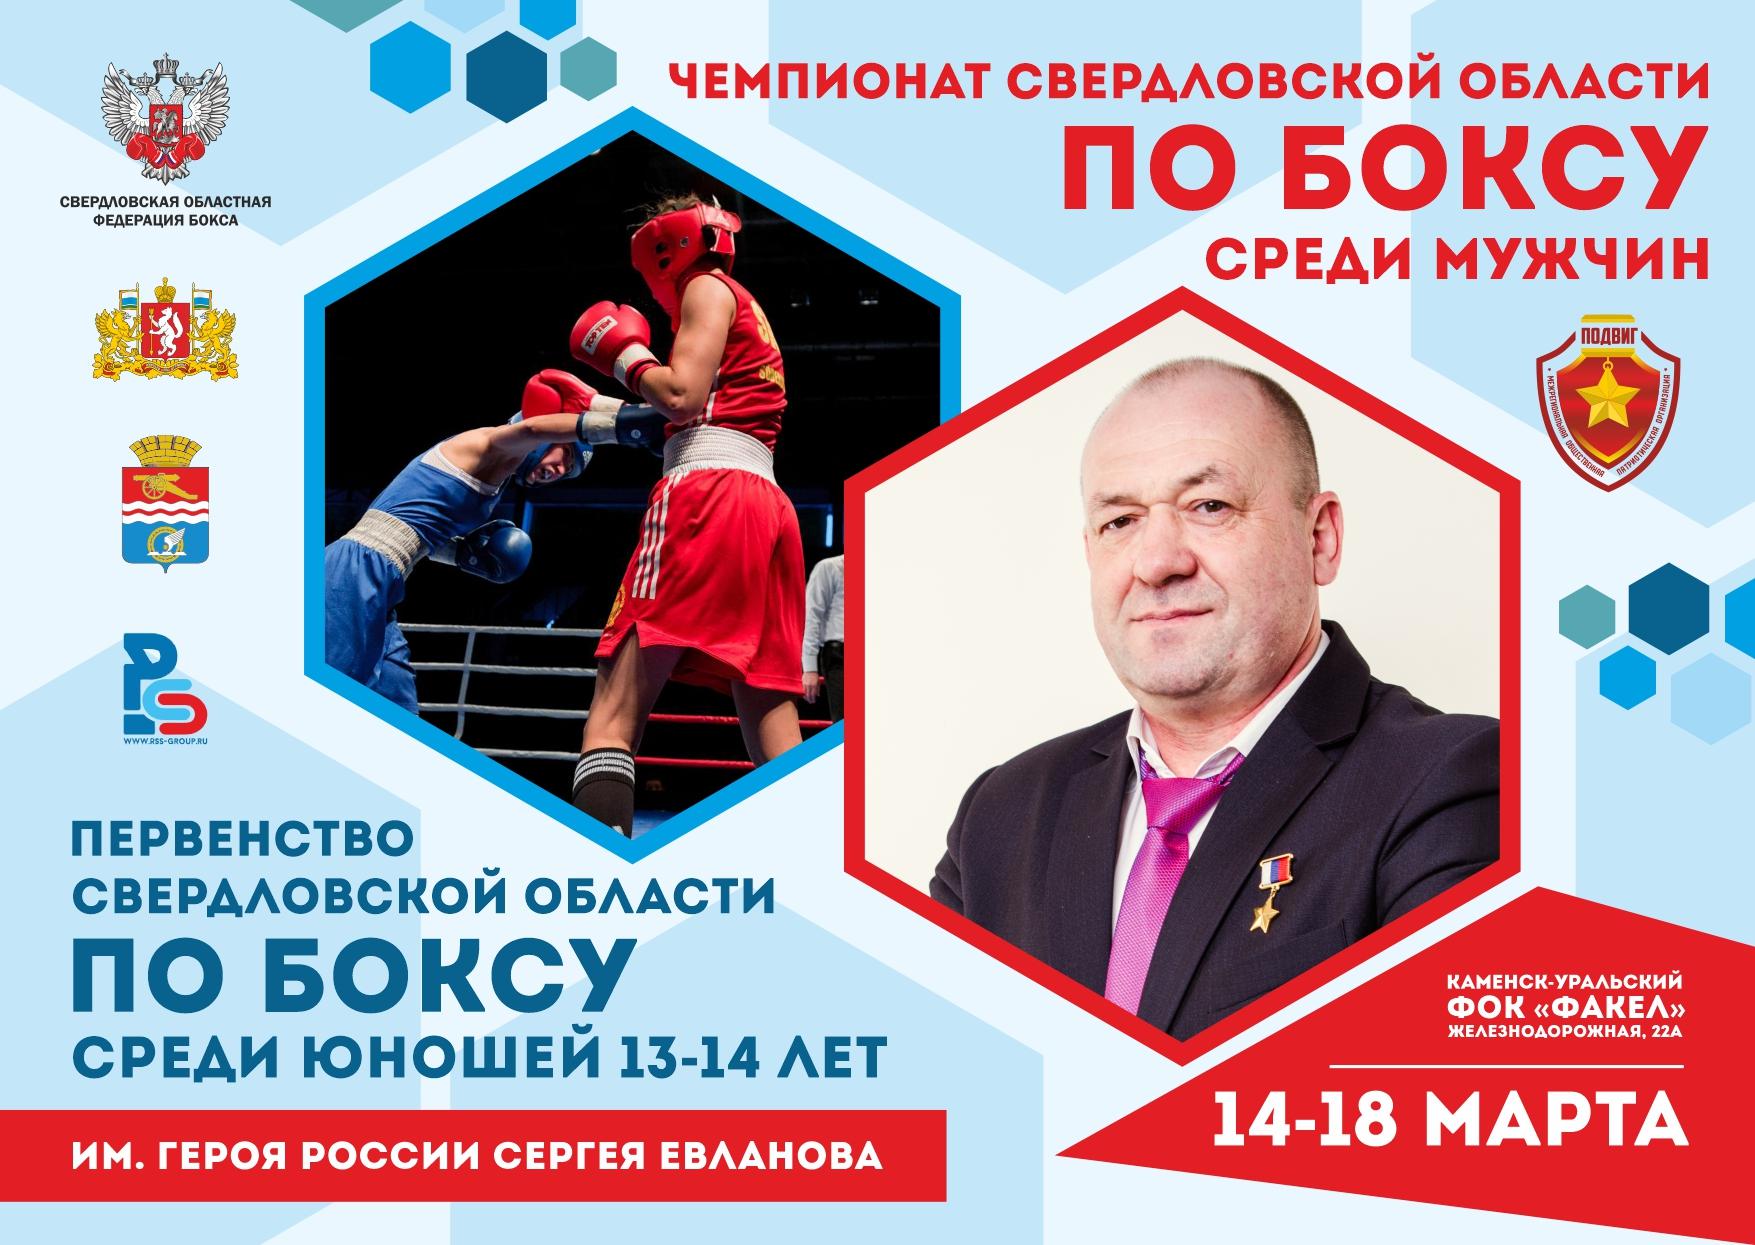 Праздник бокса длинной 5 дней пройдёт в Каменске-Уральском с 14 по 18 марта